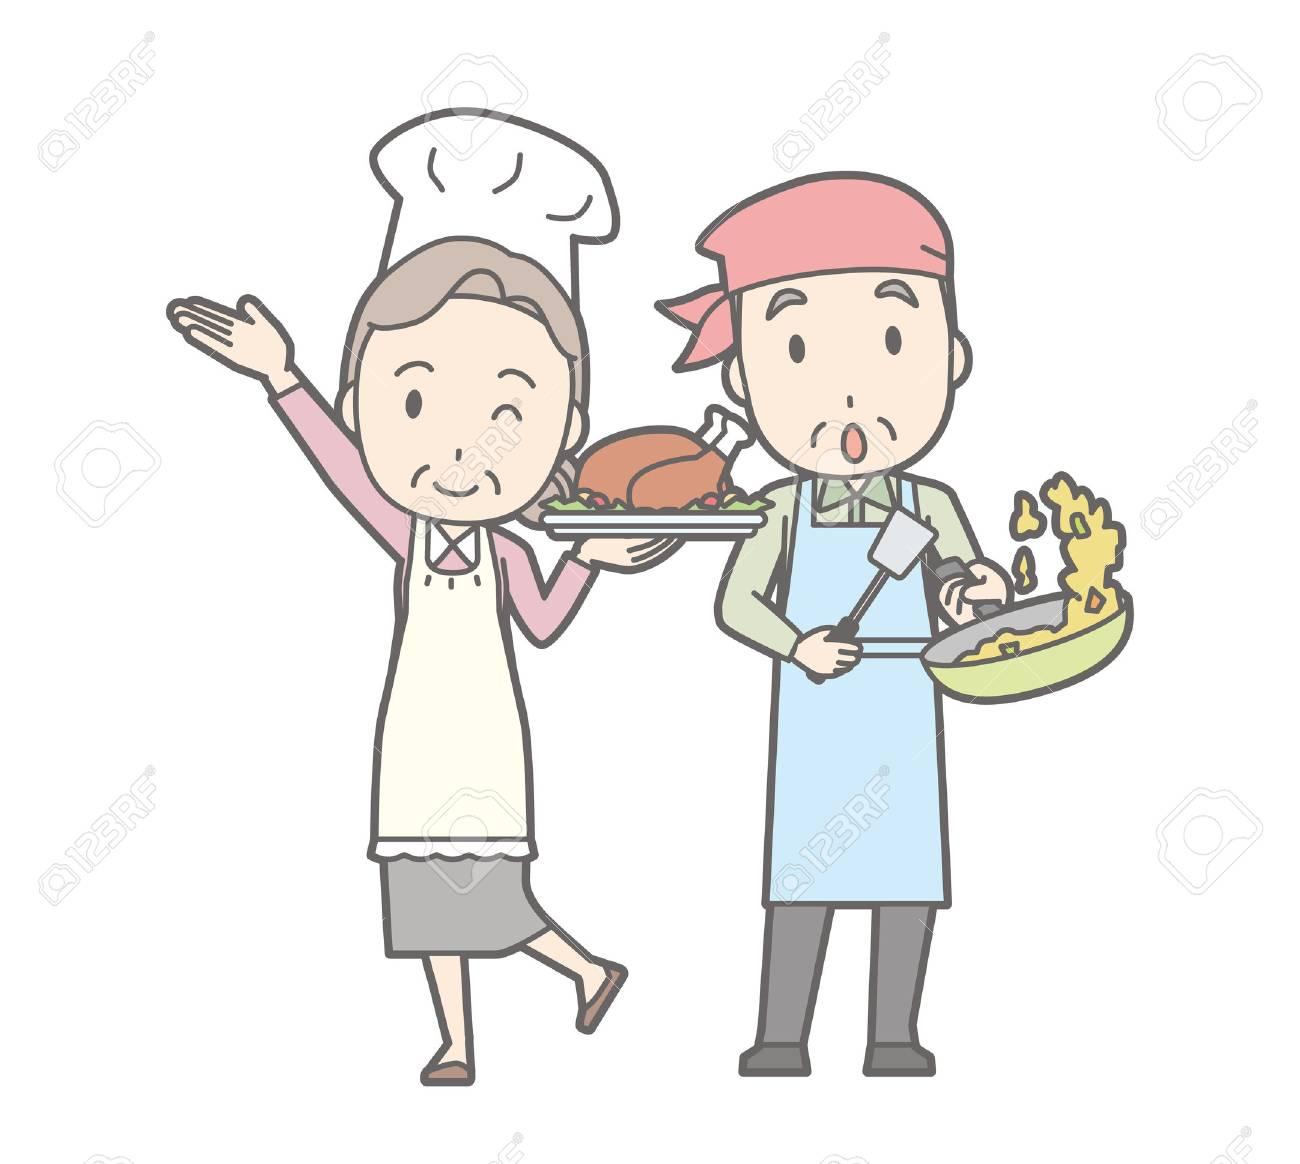 古いカップル料理のイラスト。 ロイヤリティフリークリップアート